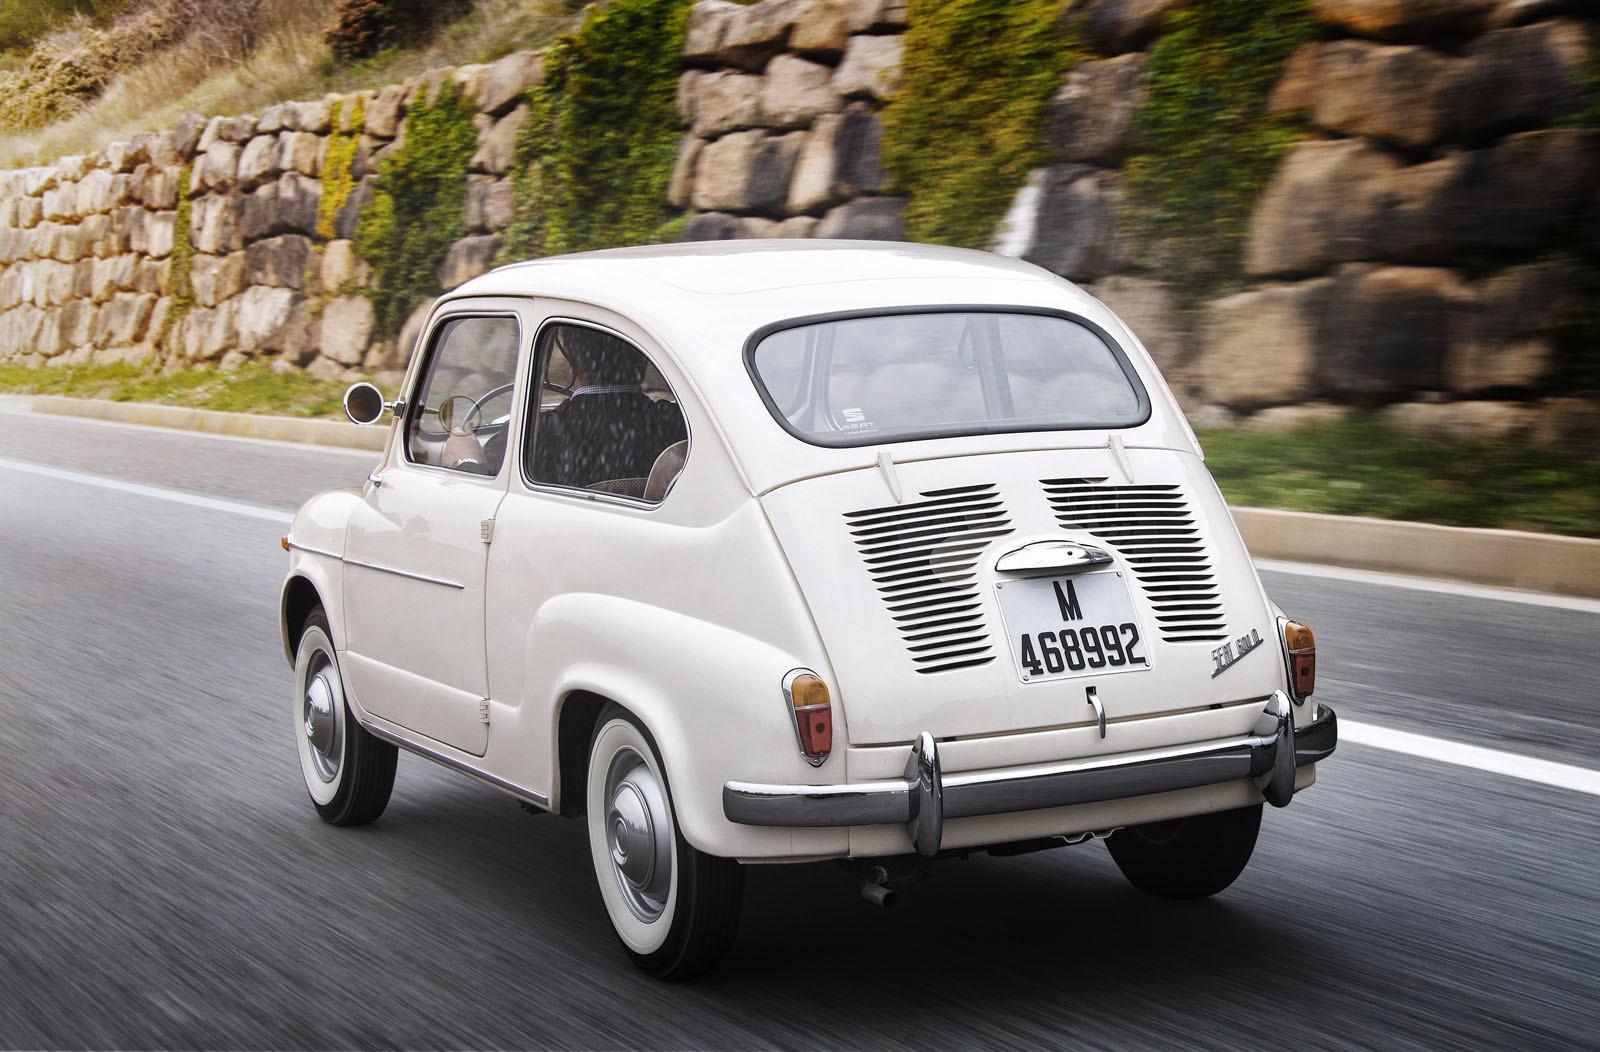 Foto de SEAT 600 (50 Aniversario) (10/64)